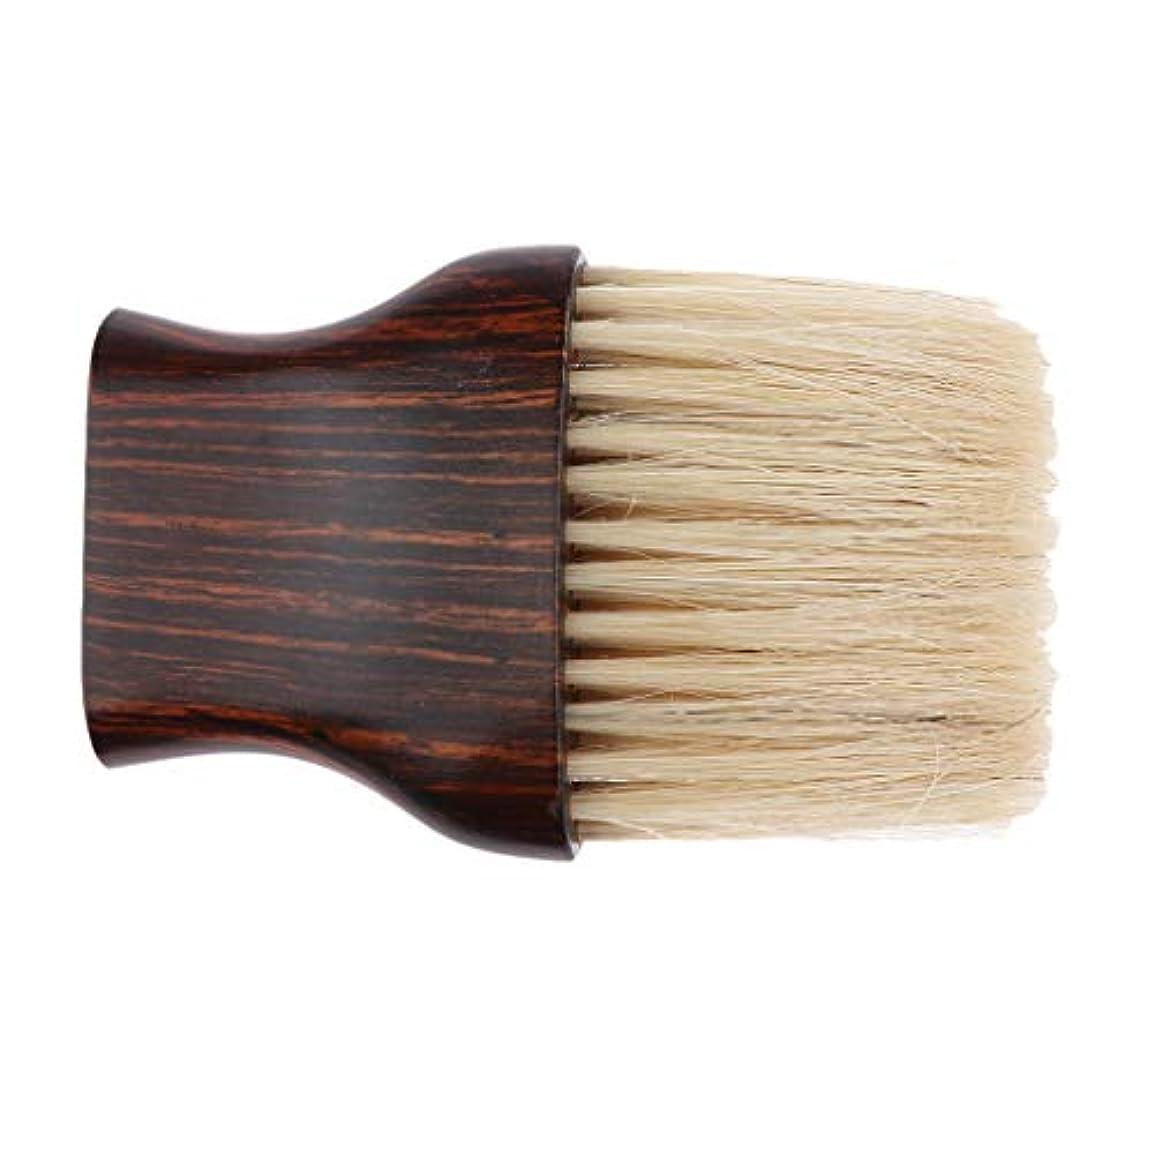 すべき疑わしい山岳DYNWAVE 理髪 ネックダスターブラシ クリーニング ヘアブラシ ヘアスイープブラシ サロンヘアカット ツール